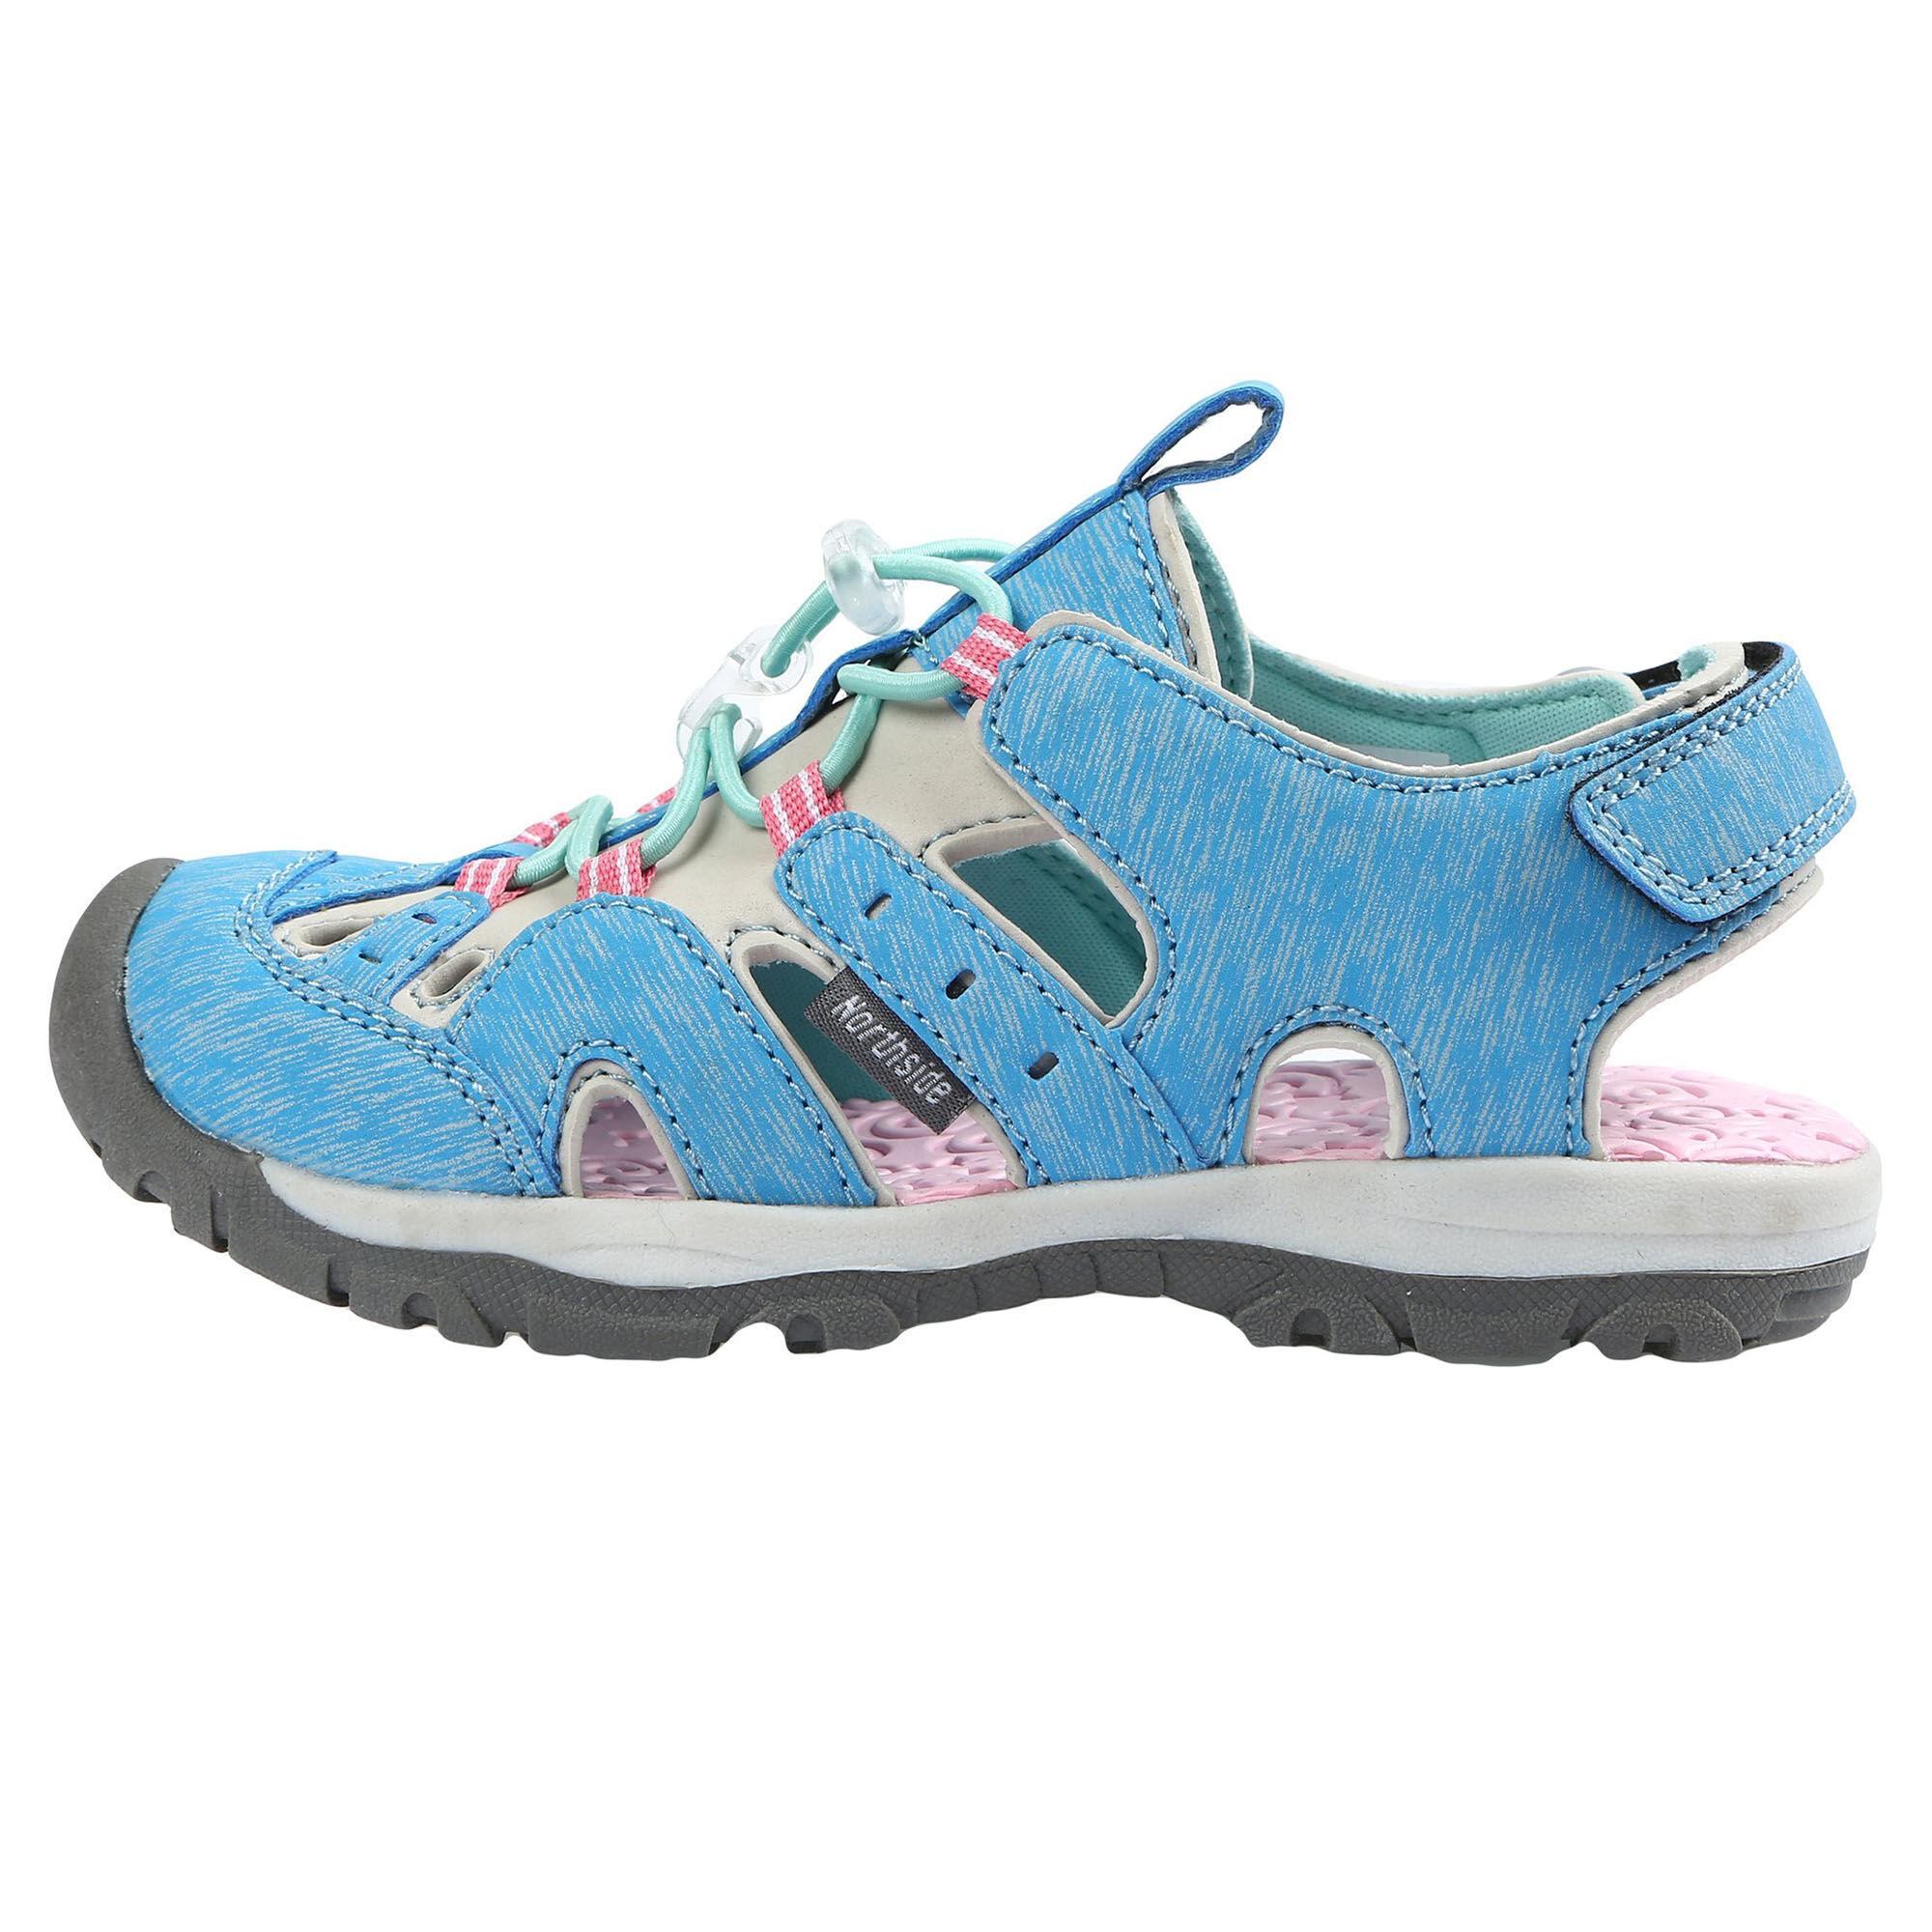 Northside Girl's Burke SE Sport Sandals  - Blue/Pink - Size: 2